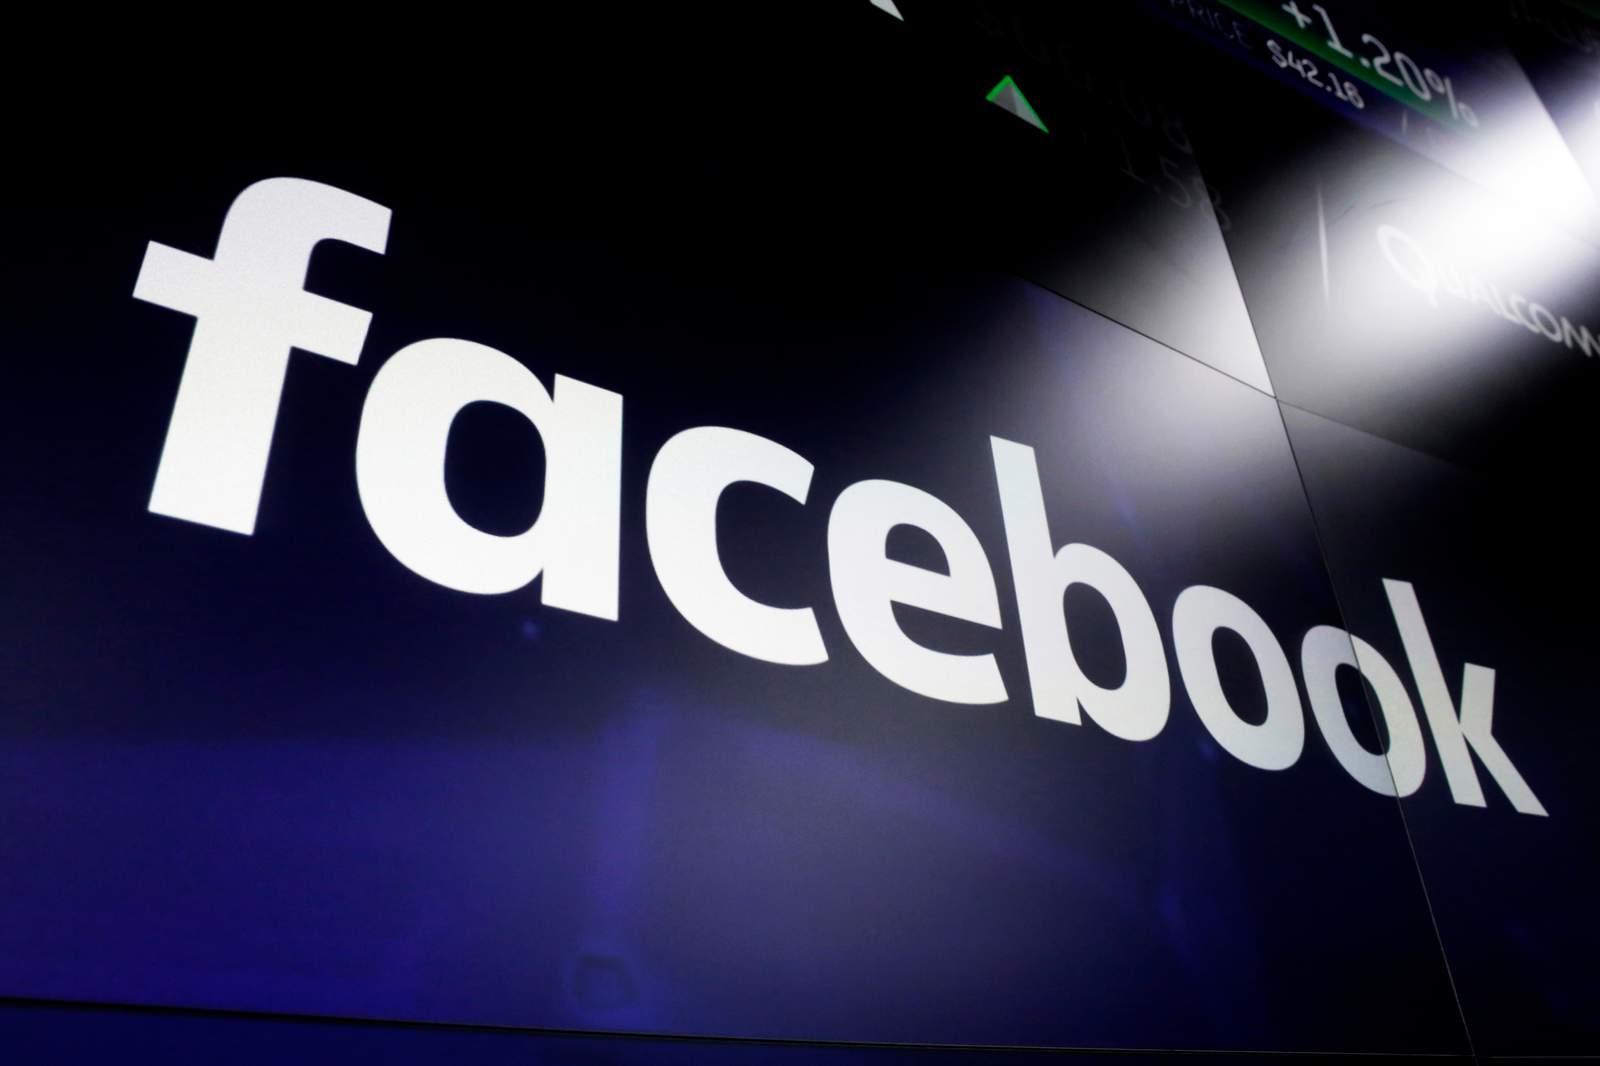 Cách để tránh Facebook theo dõi, kể cả khi offline 1